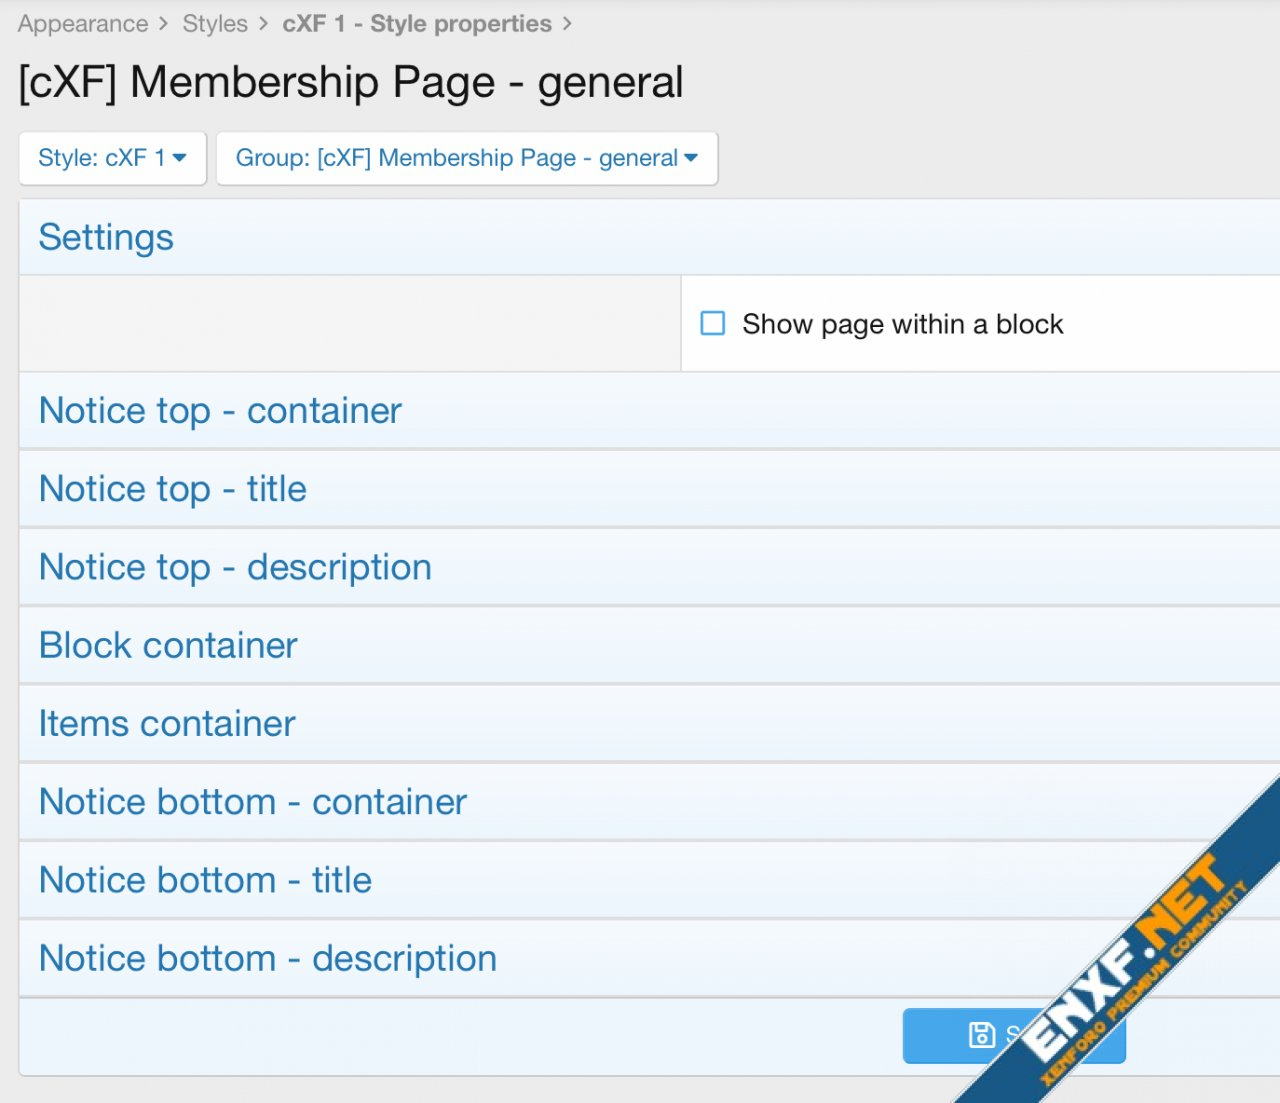 [cXF] Membership Page